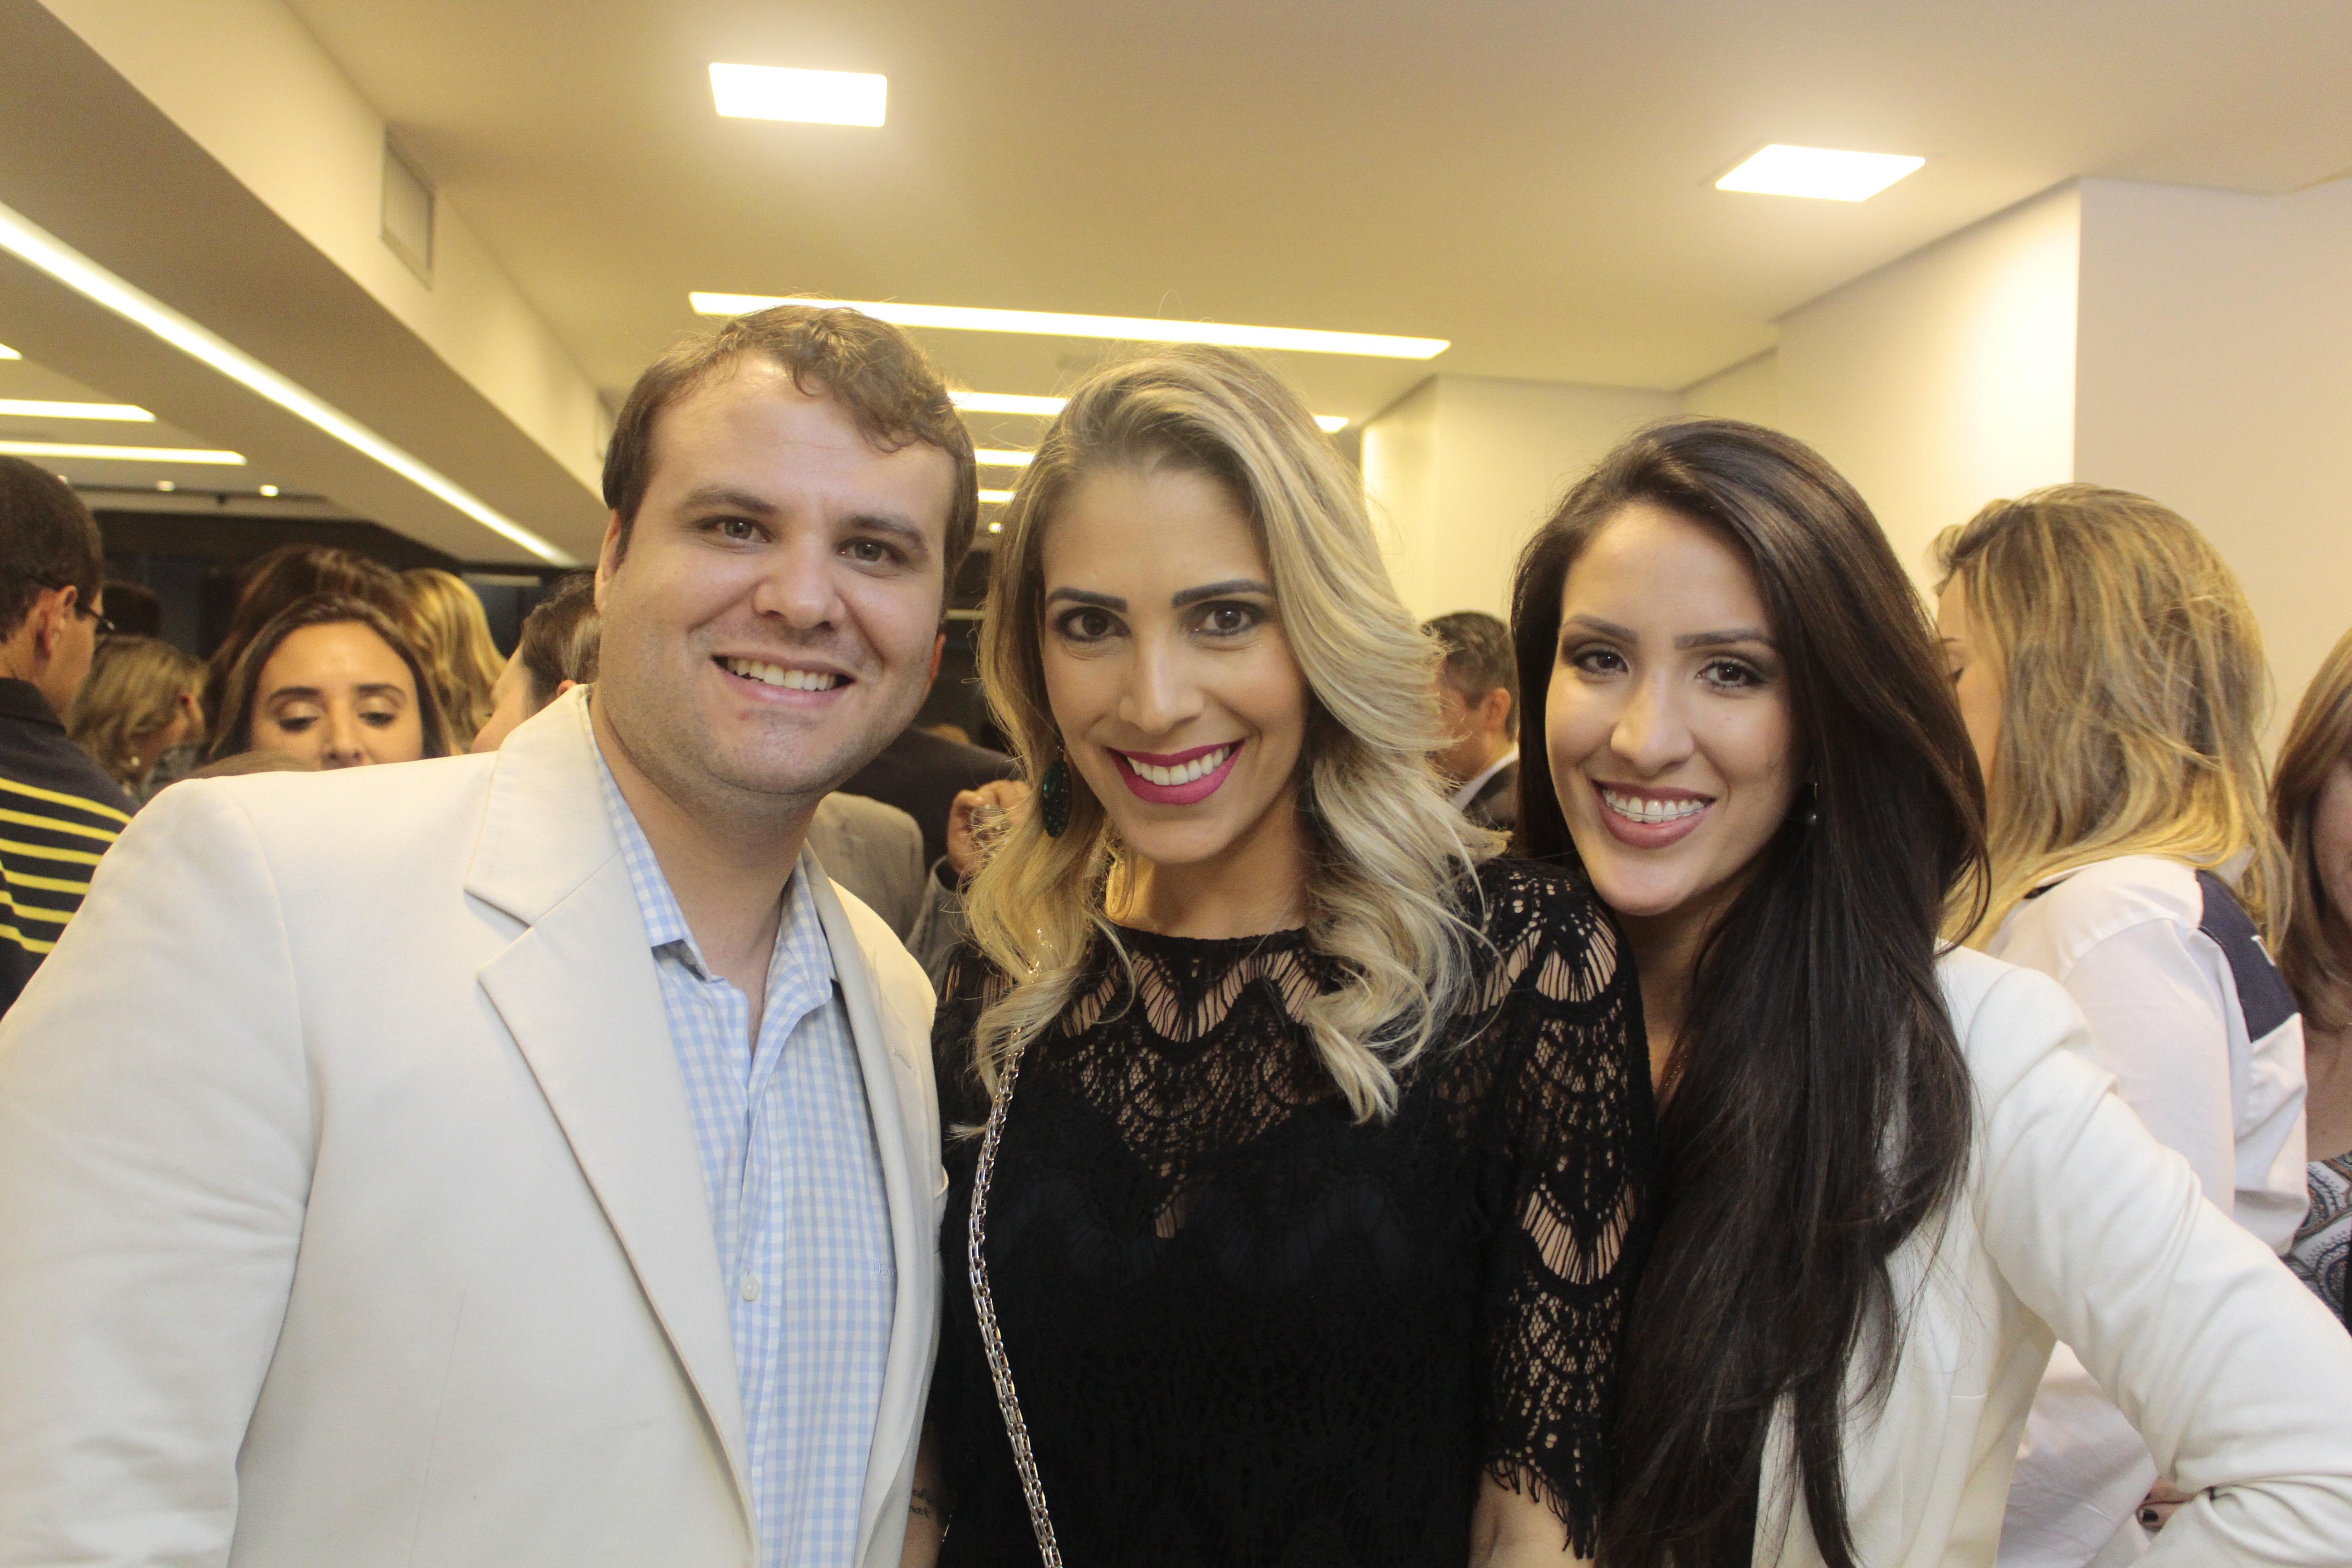 Davi marra, Aline mara e Rafaela Vilasboas